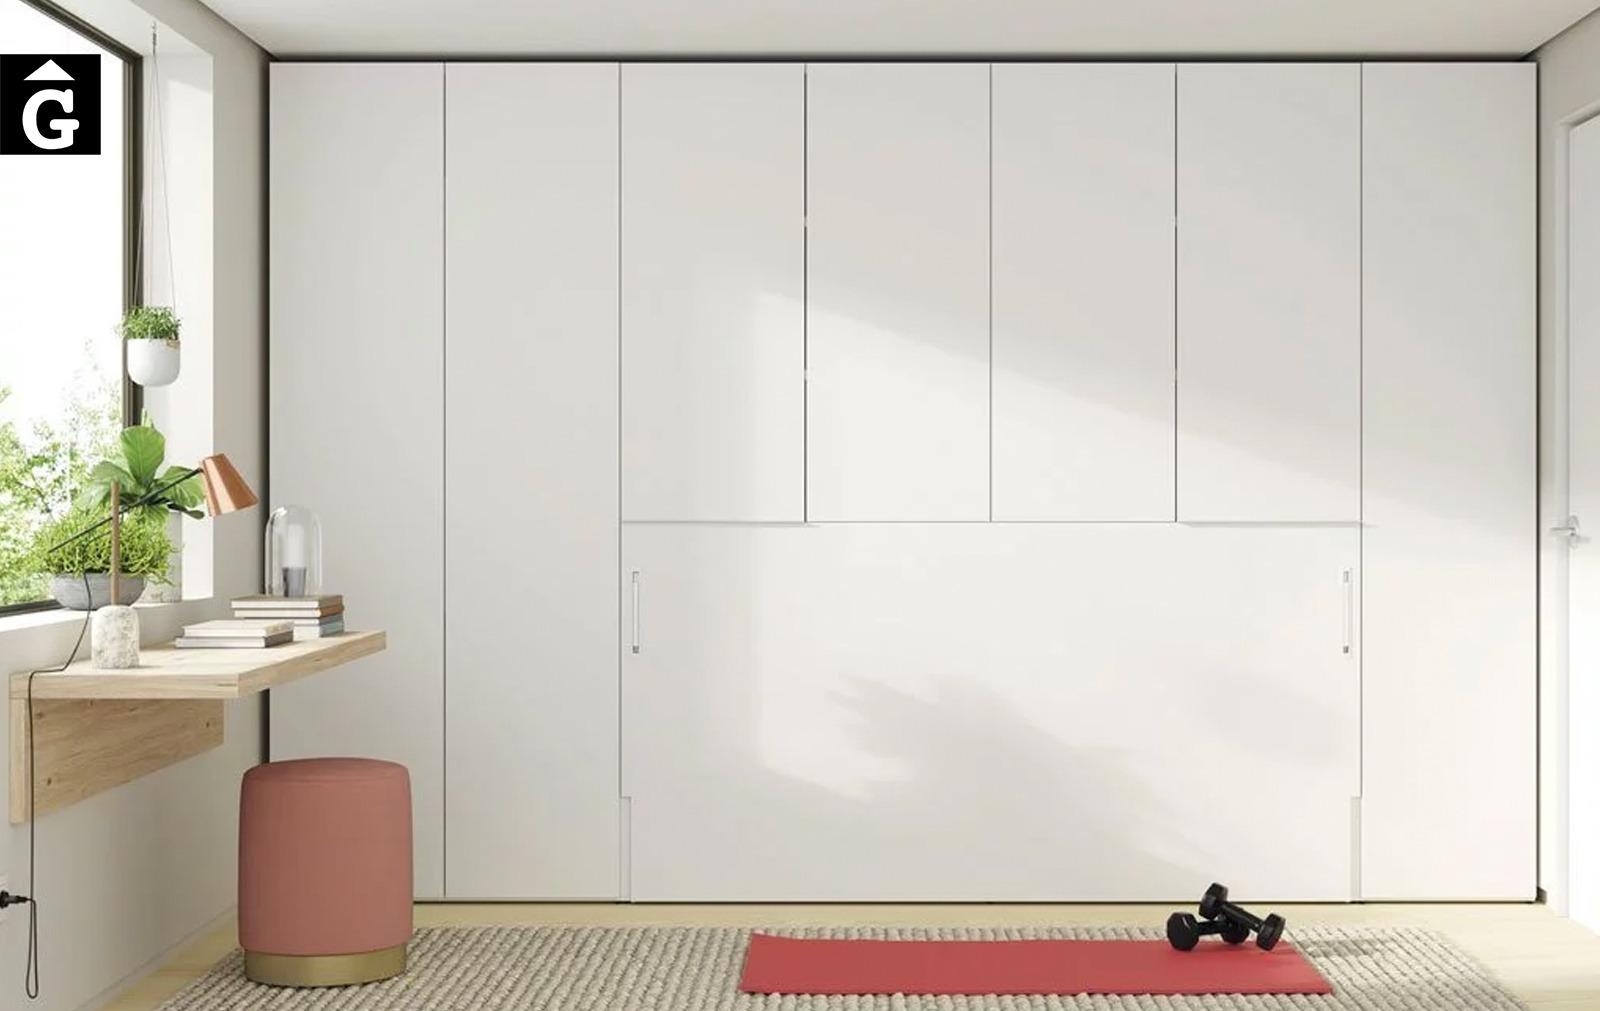 Habitació Estudi amb armari llit abatible   Up & Down   llits abatibles   Pràctics, saludables i segurs   Jotajotape   mobles Gifreu